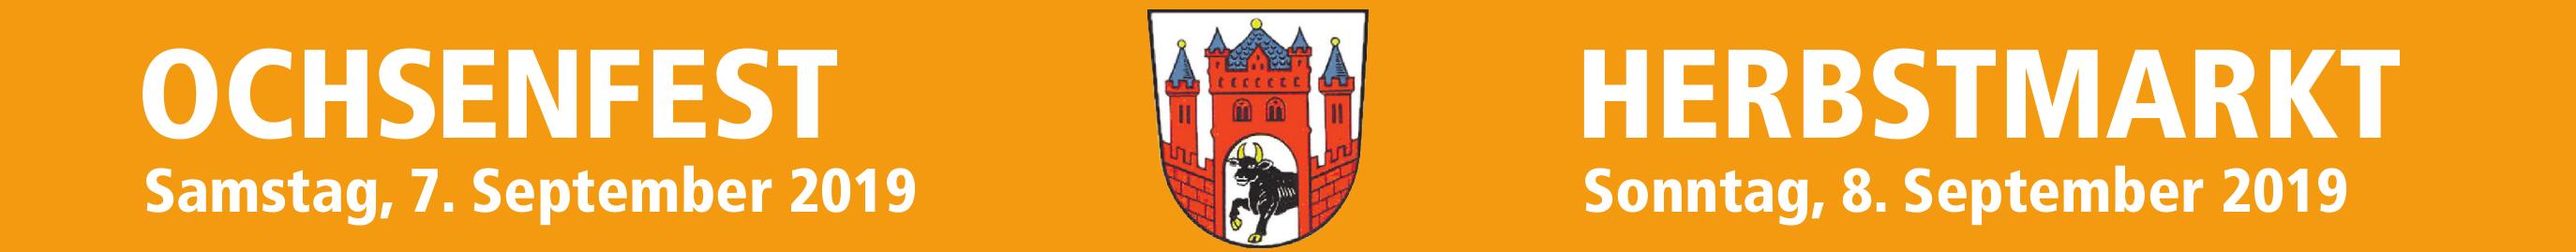 Jahrmarktflair in der Altstadt Image 1